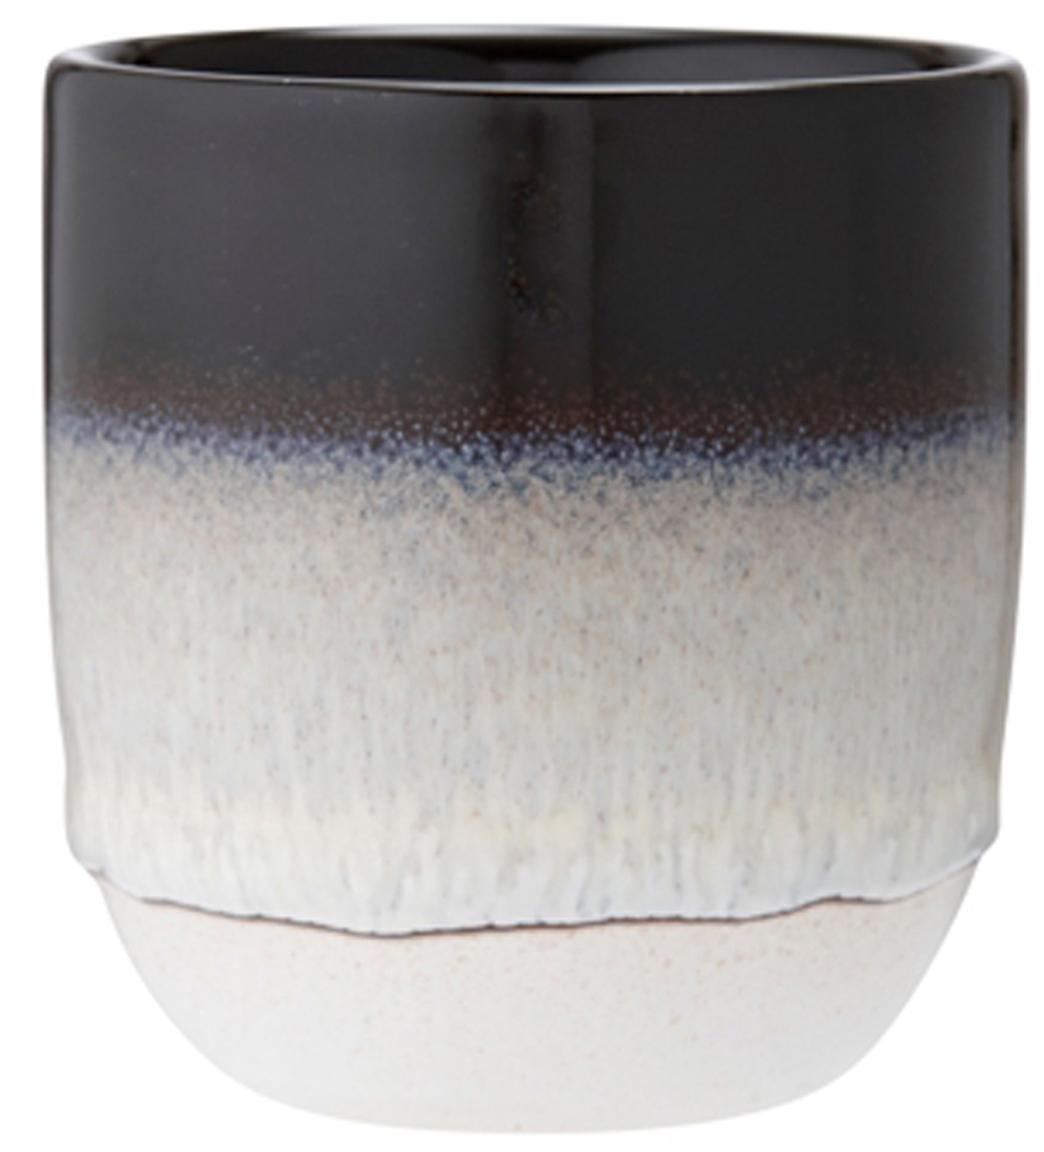 Becher Café mit Farbverlauf, 4 Stück, Steingut, Schwarz, Ø 8 x H 9 cm